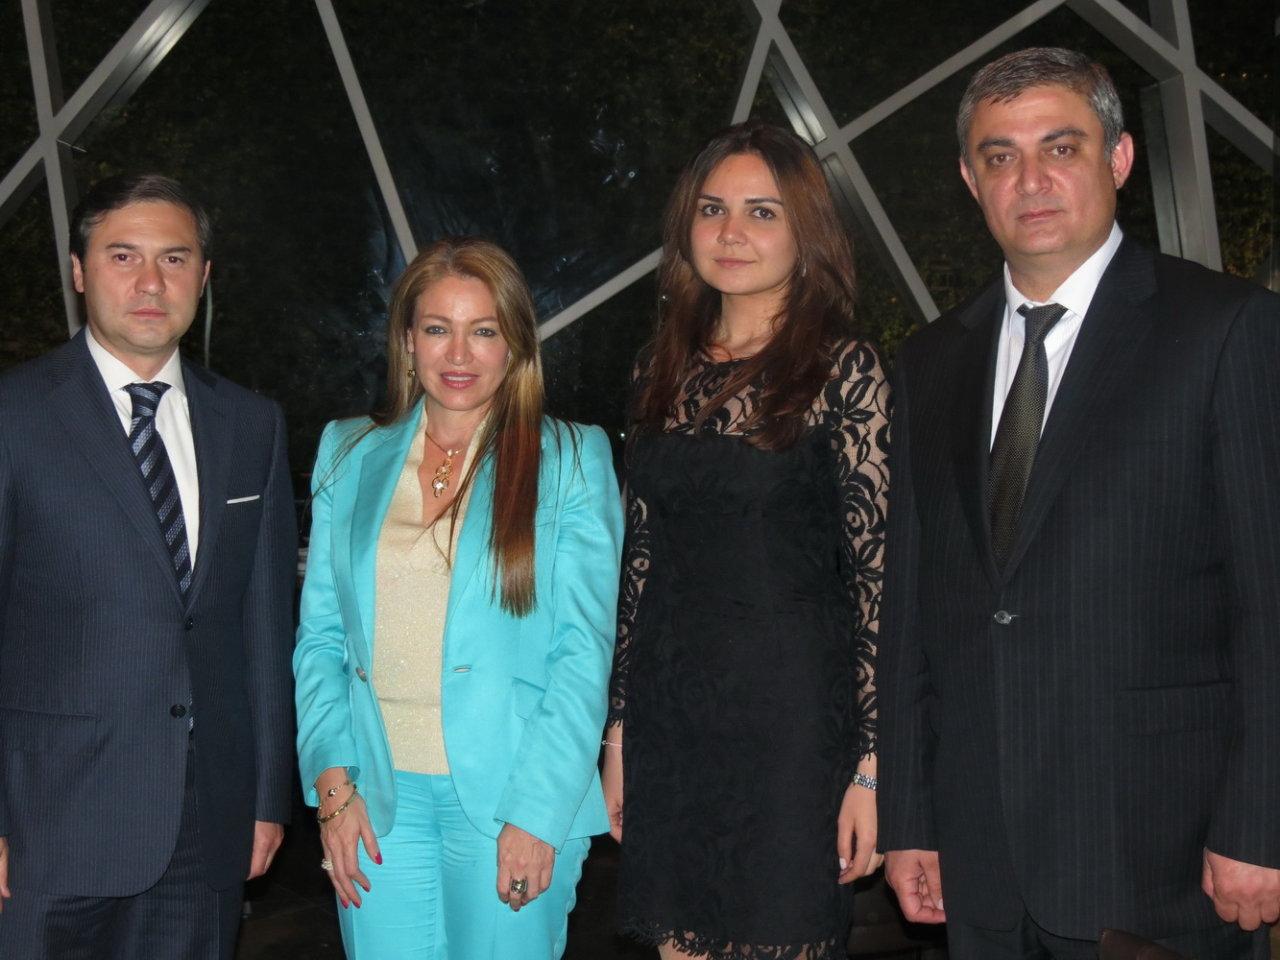 Фонд Гейдара Алиева и Сетевой фонд Колумбии по предотвращению детского насилия подписали соглашение о сотрудничестве (ФОТО)